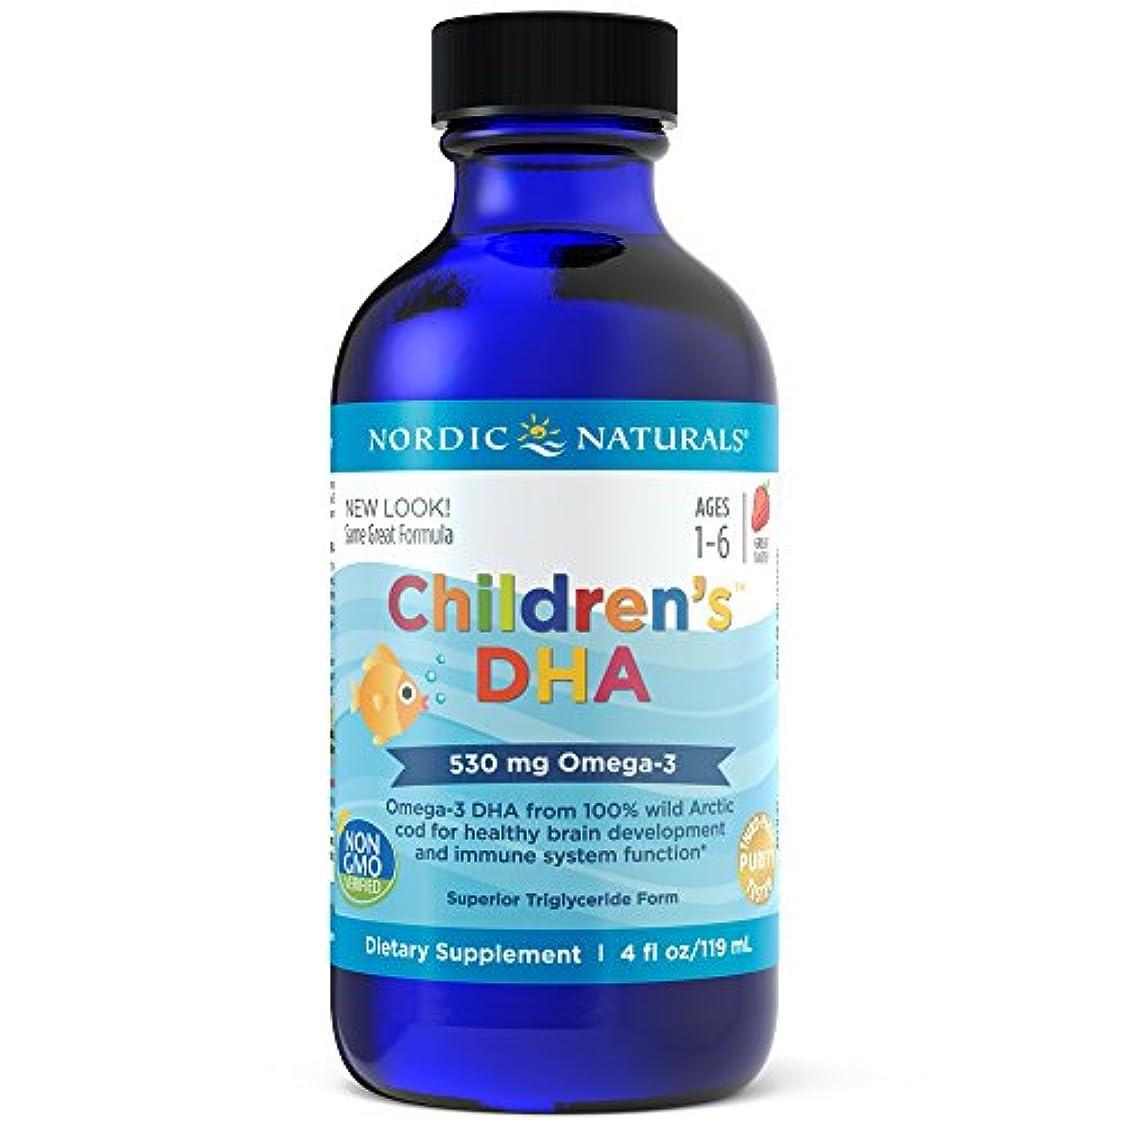 手書き法律かき混ぜるNordic Naturals 子供用 DHA イチゴ味 119ml 海外直送品